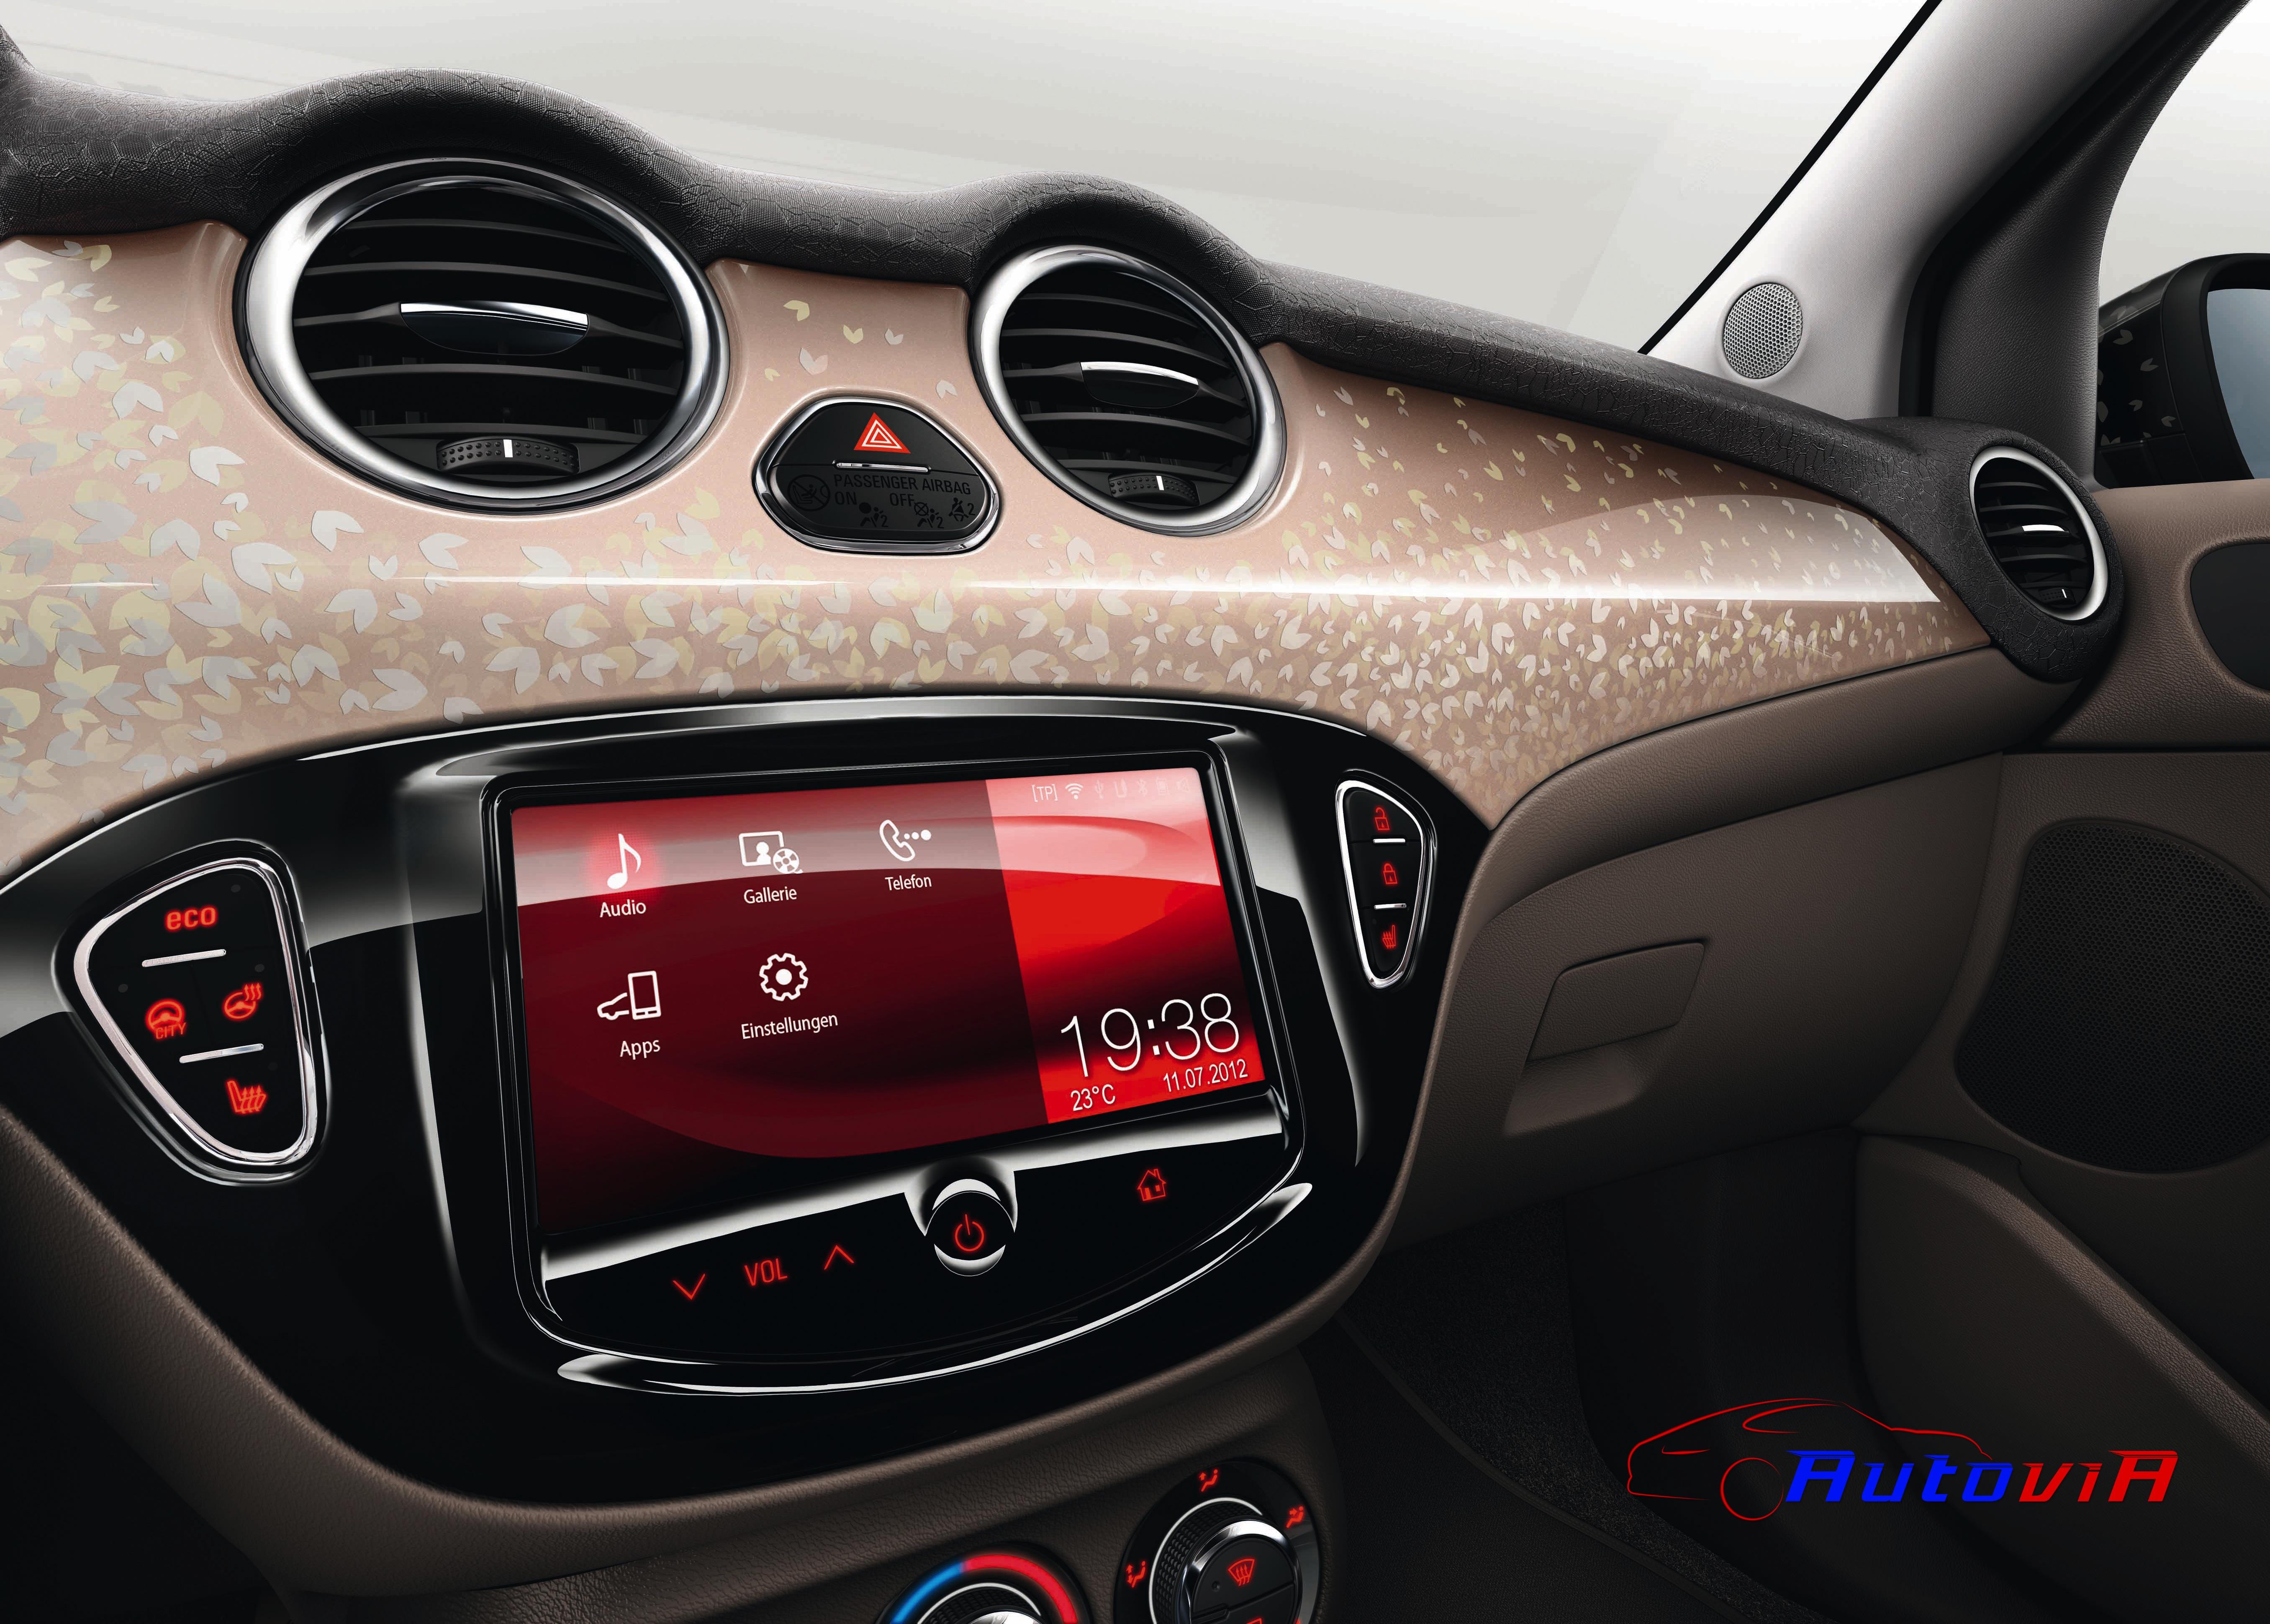 Opel adam 2012 interior 038 for Interior opel adam